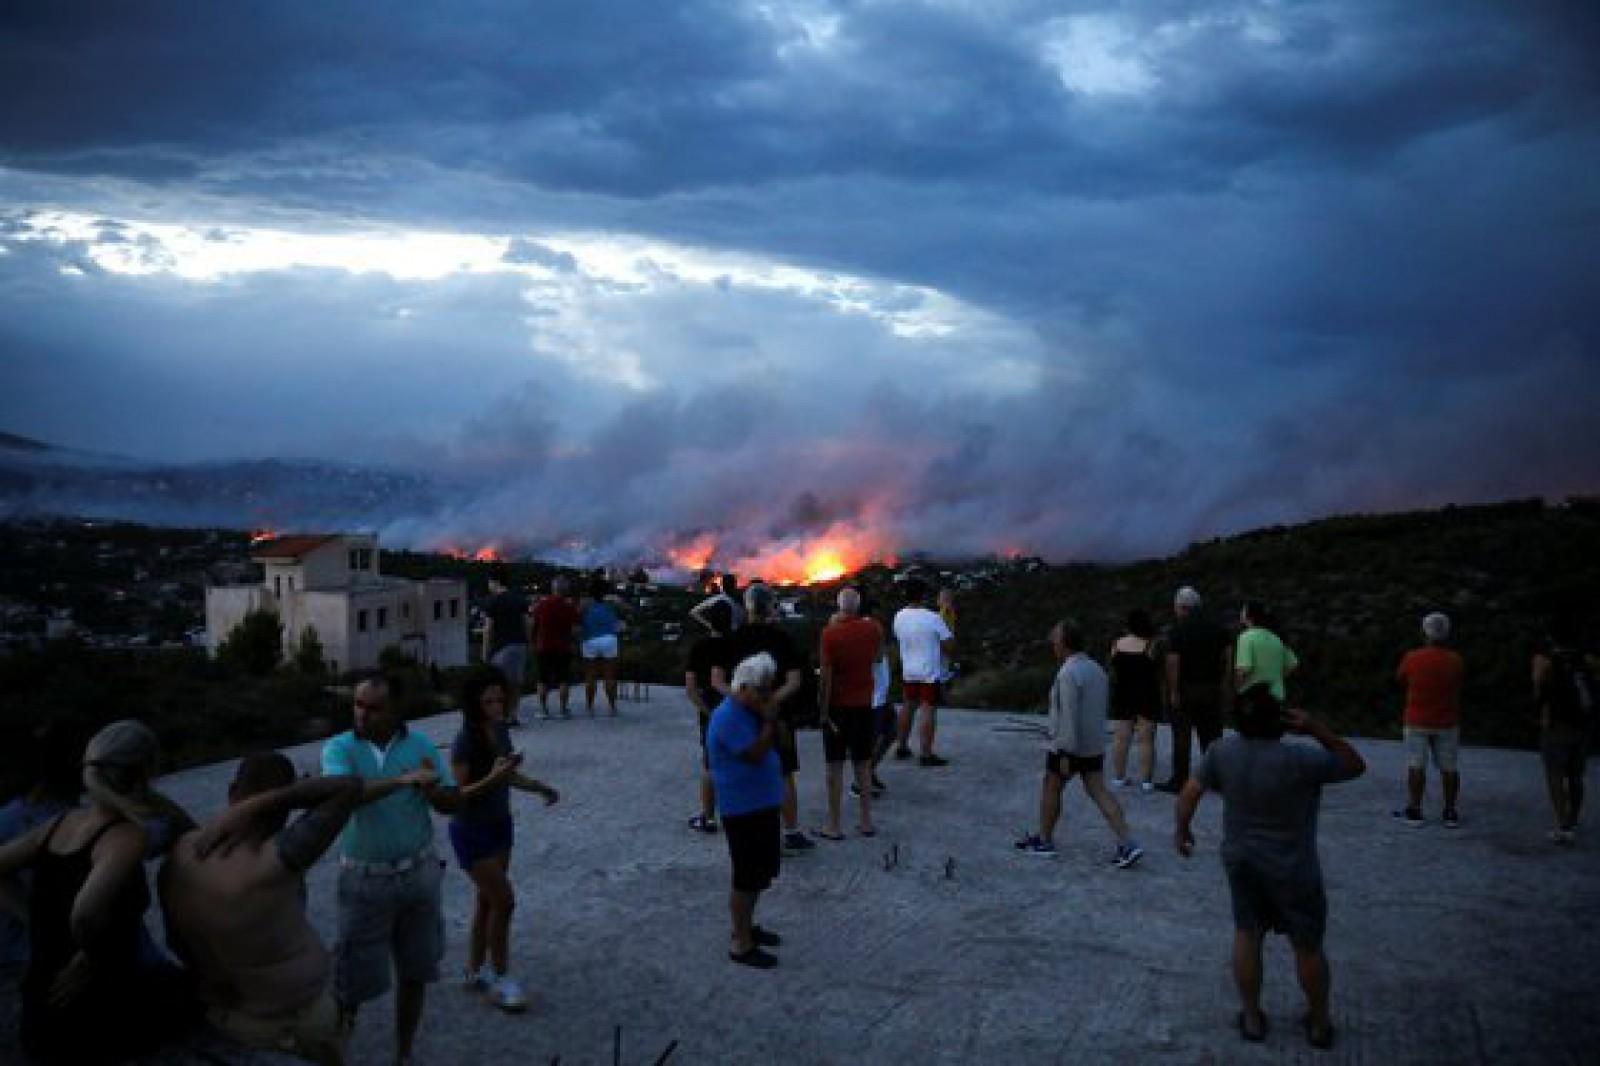 Incendiile devastatoare din Grecia: MAEIE îndeamnă cetățenii Republicii Moldova să se abțină de la călătorii în zonă